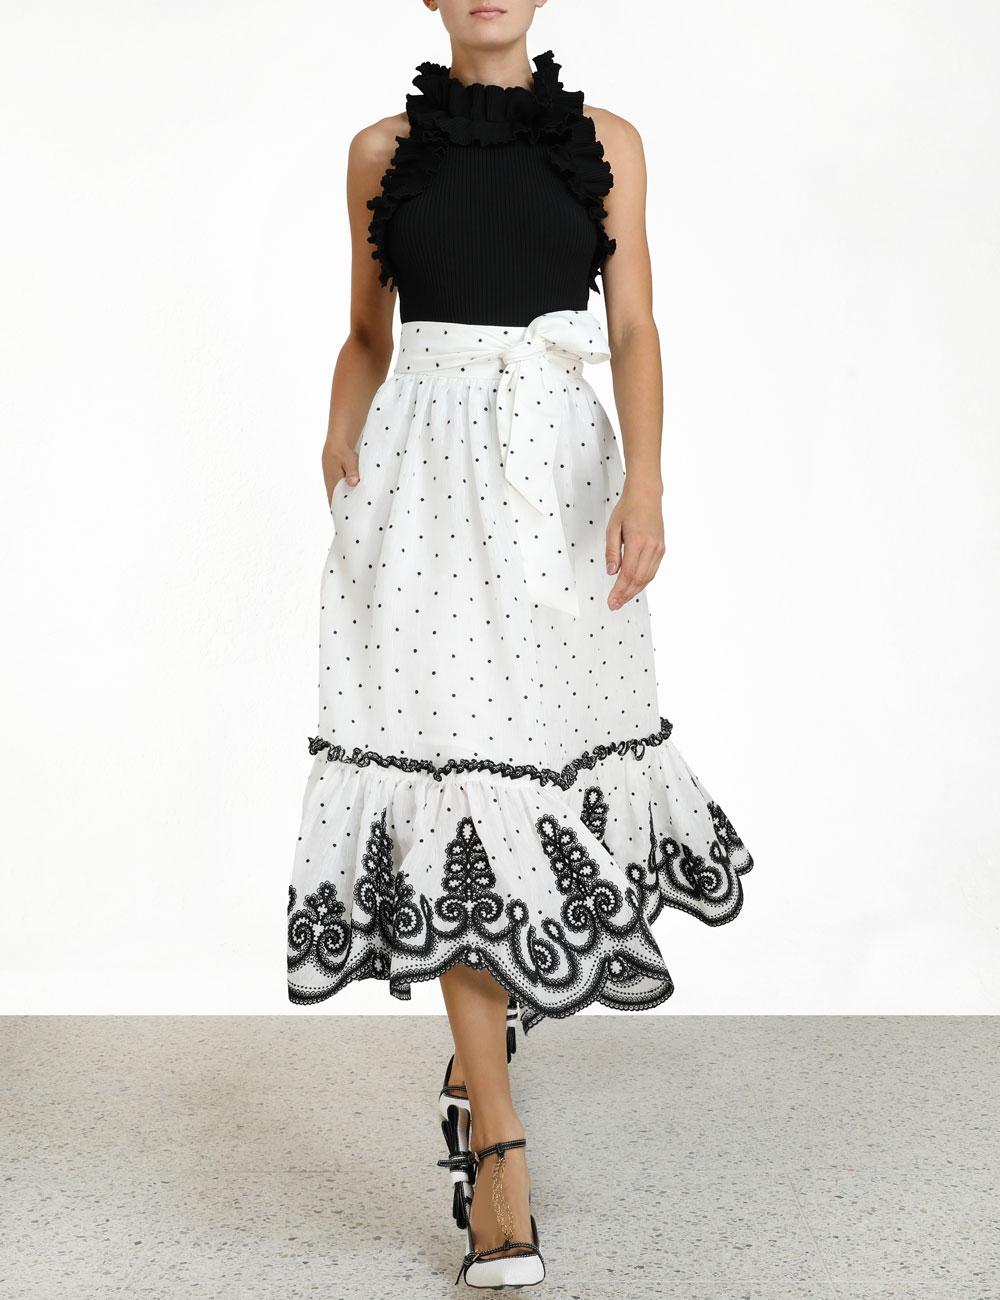 The Lovestruck Rope Skirt